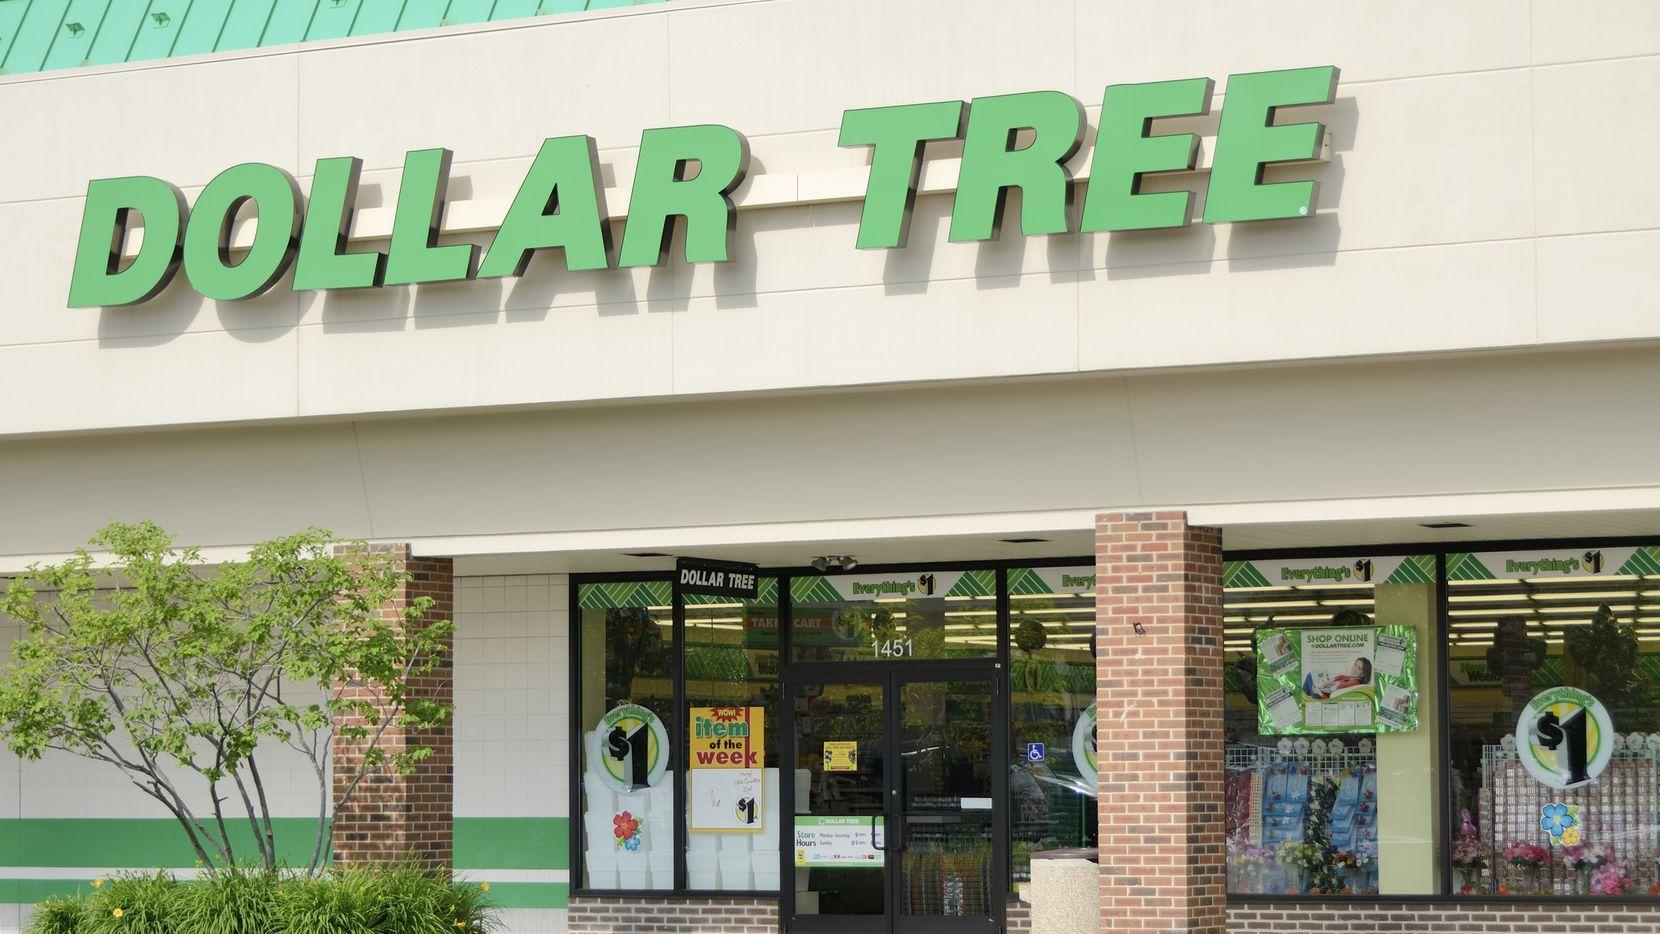 La cadena Dollar Tree anunció que romperá su promesa de productos a $1, comenzará a vender productos de $1.25, $1.50 y otros precios ligeramente superiores a $1 en algunas de sus tiendas.